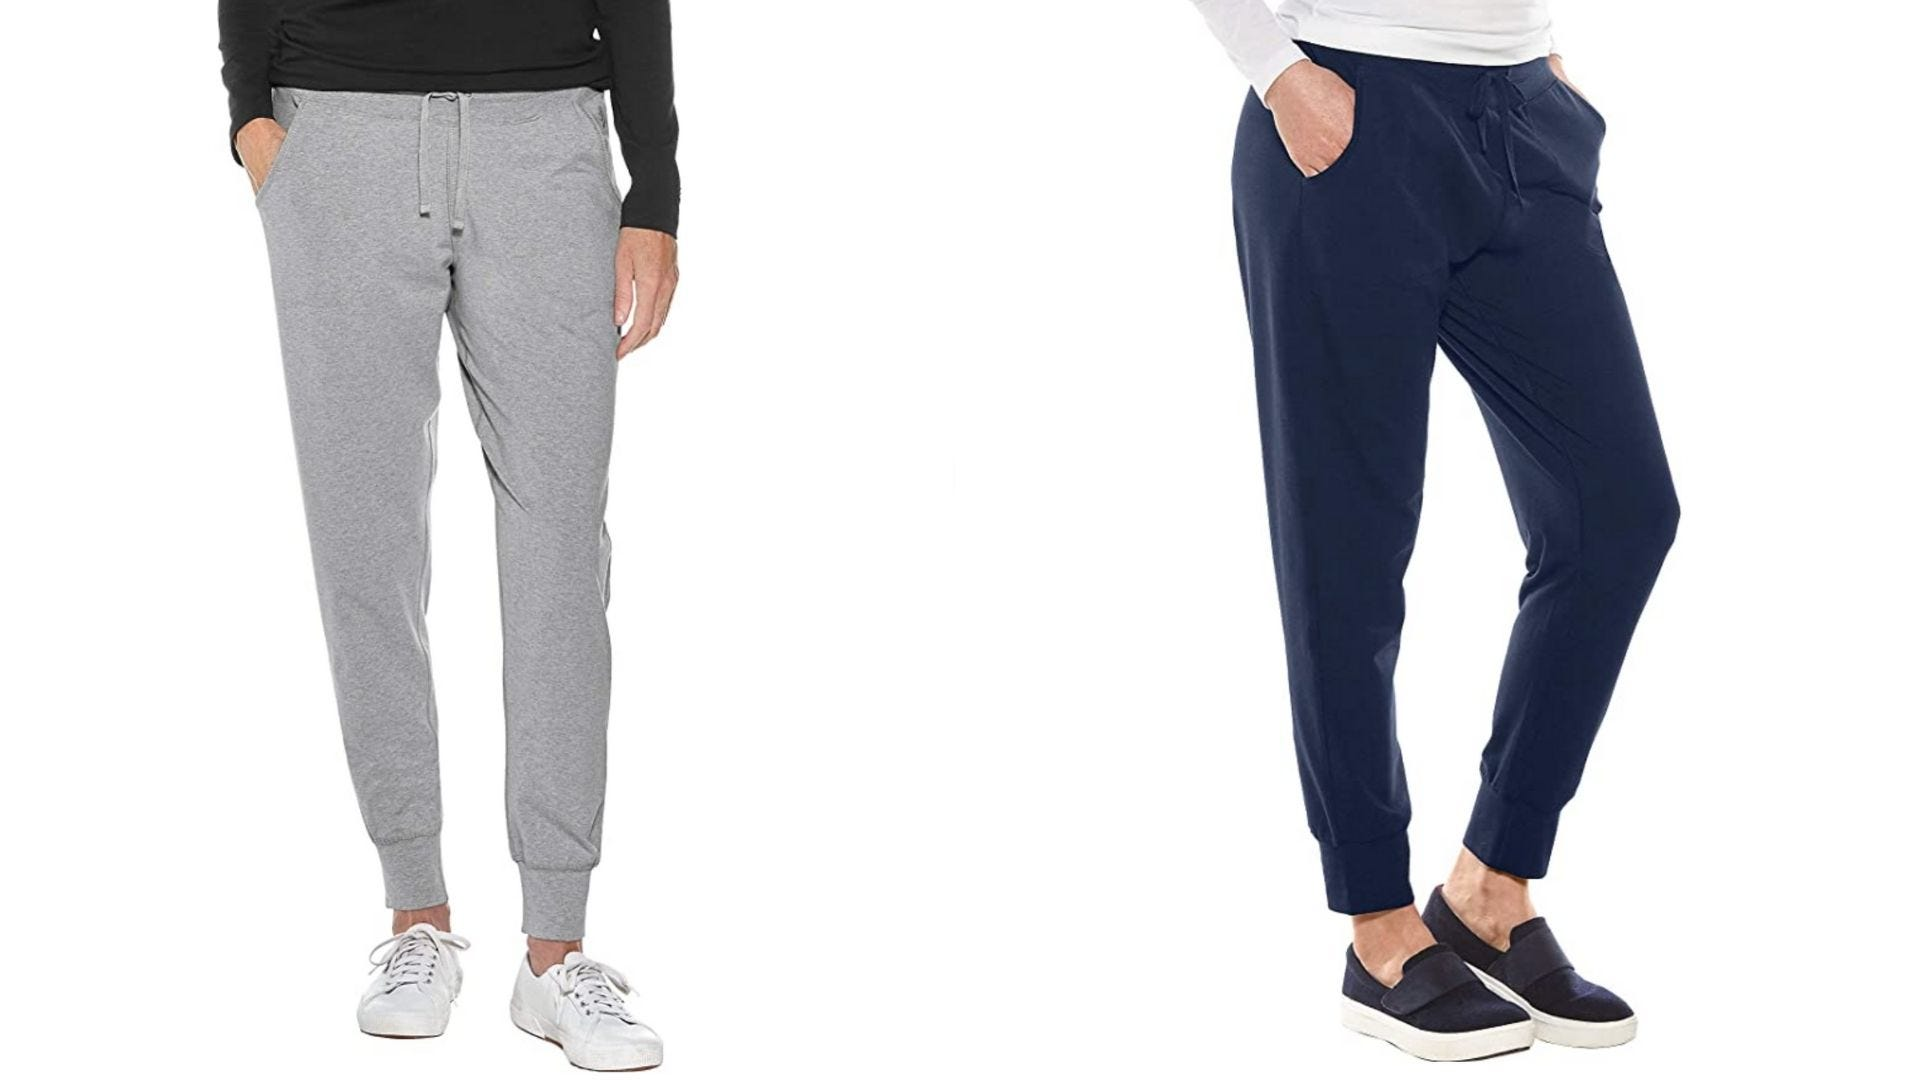 Two women wear fitted sweatpants